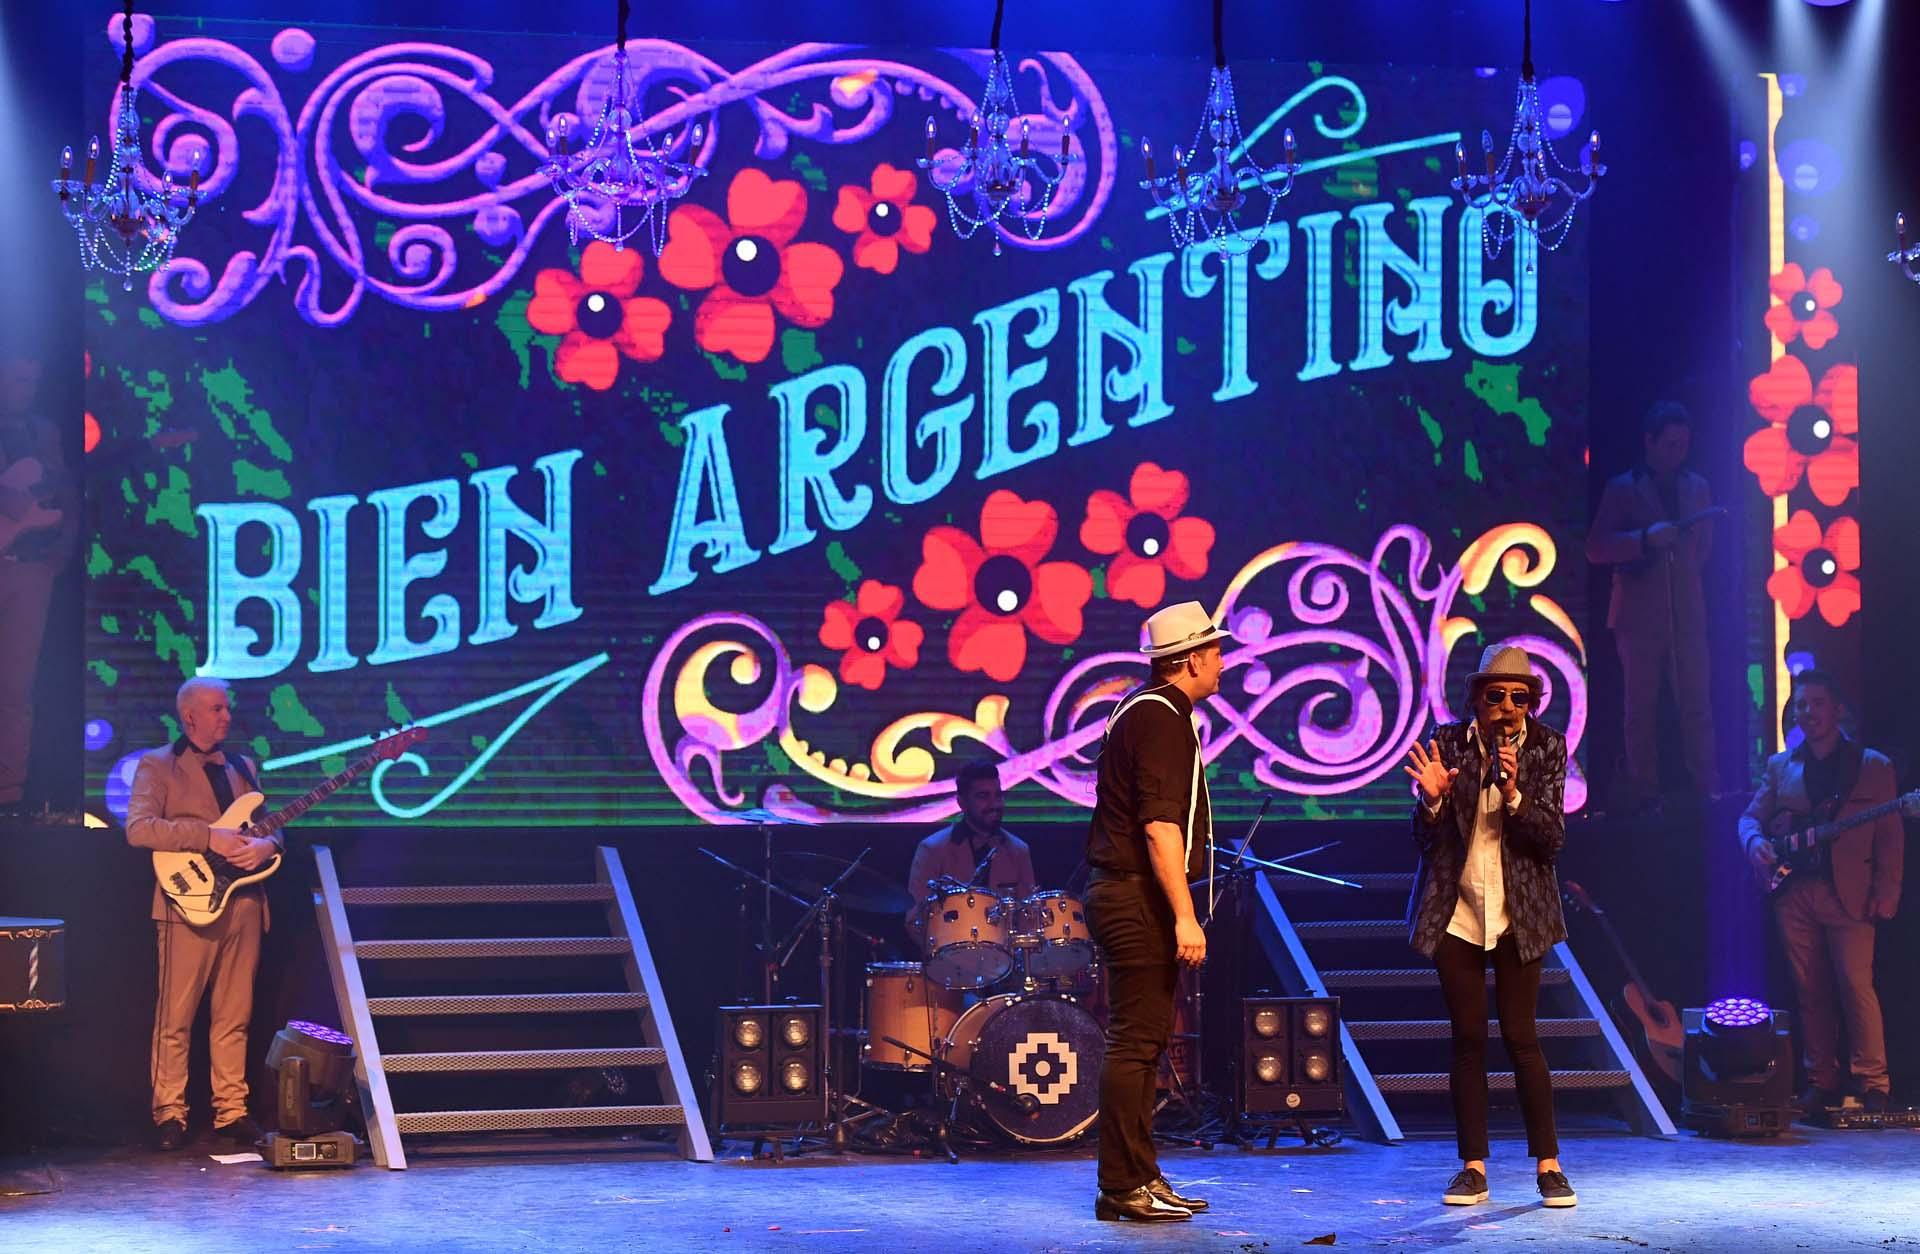 Bien Argentino mezcla humor y música